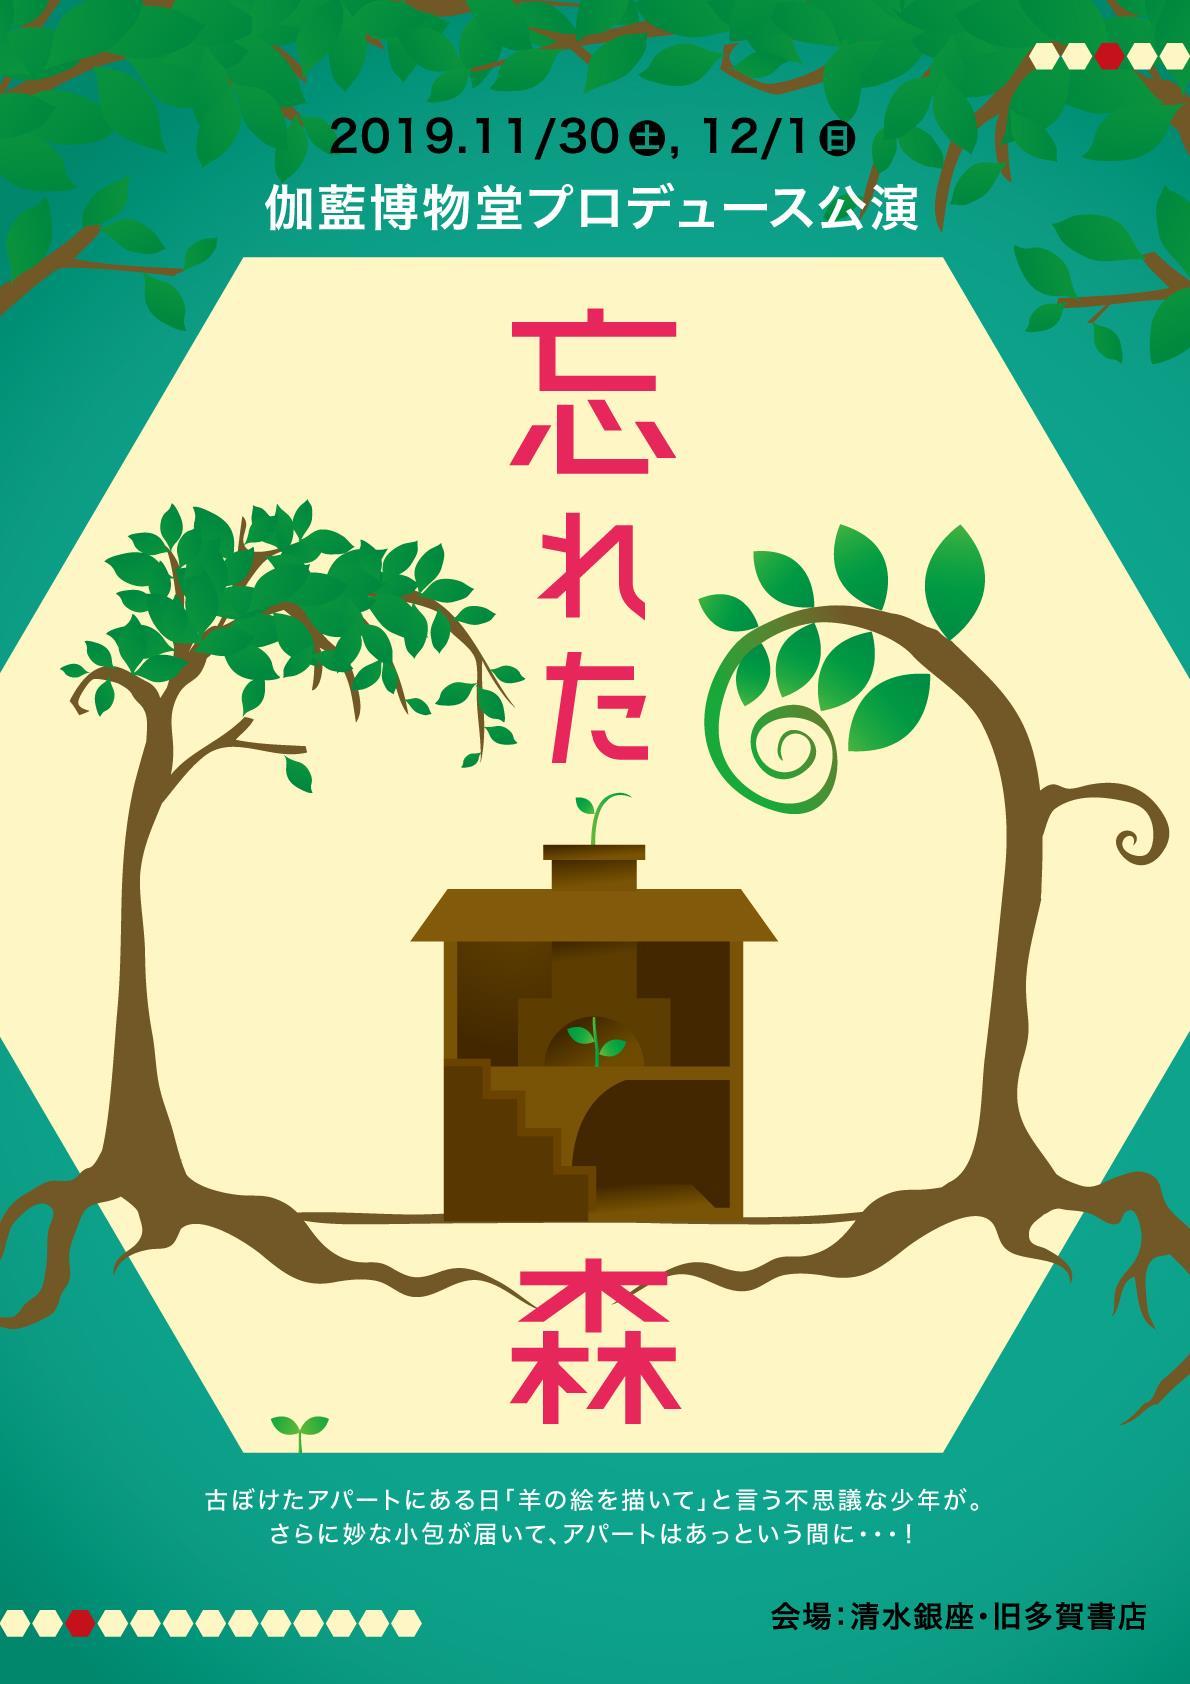 伽藍博物堂プロデュース公演『忘れた森』